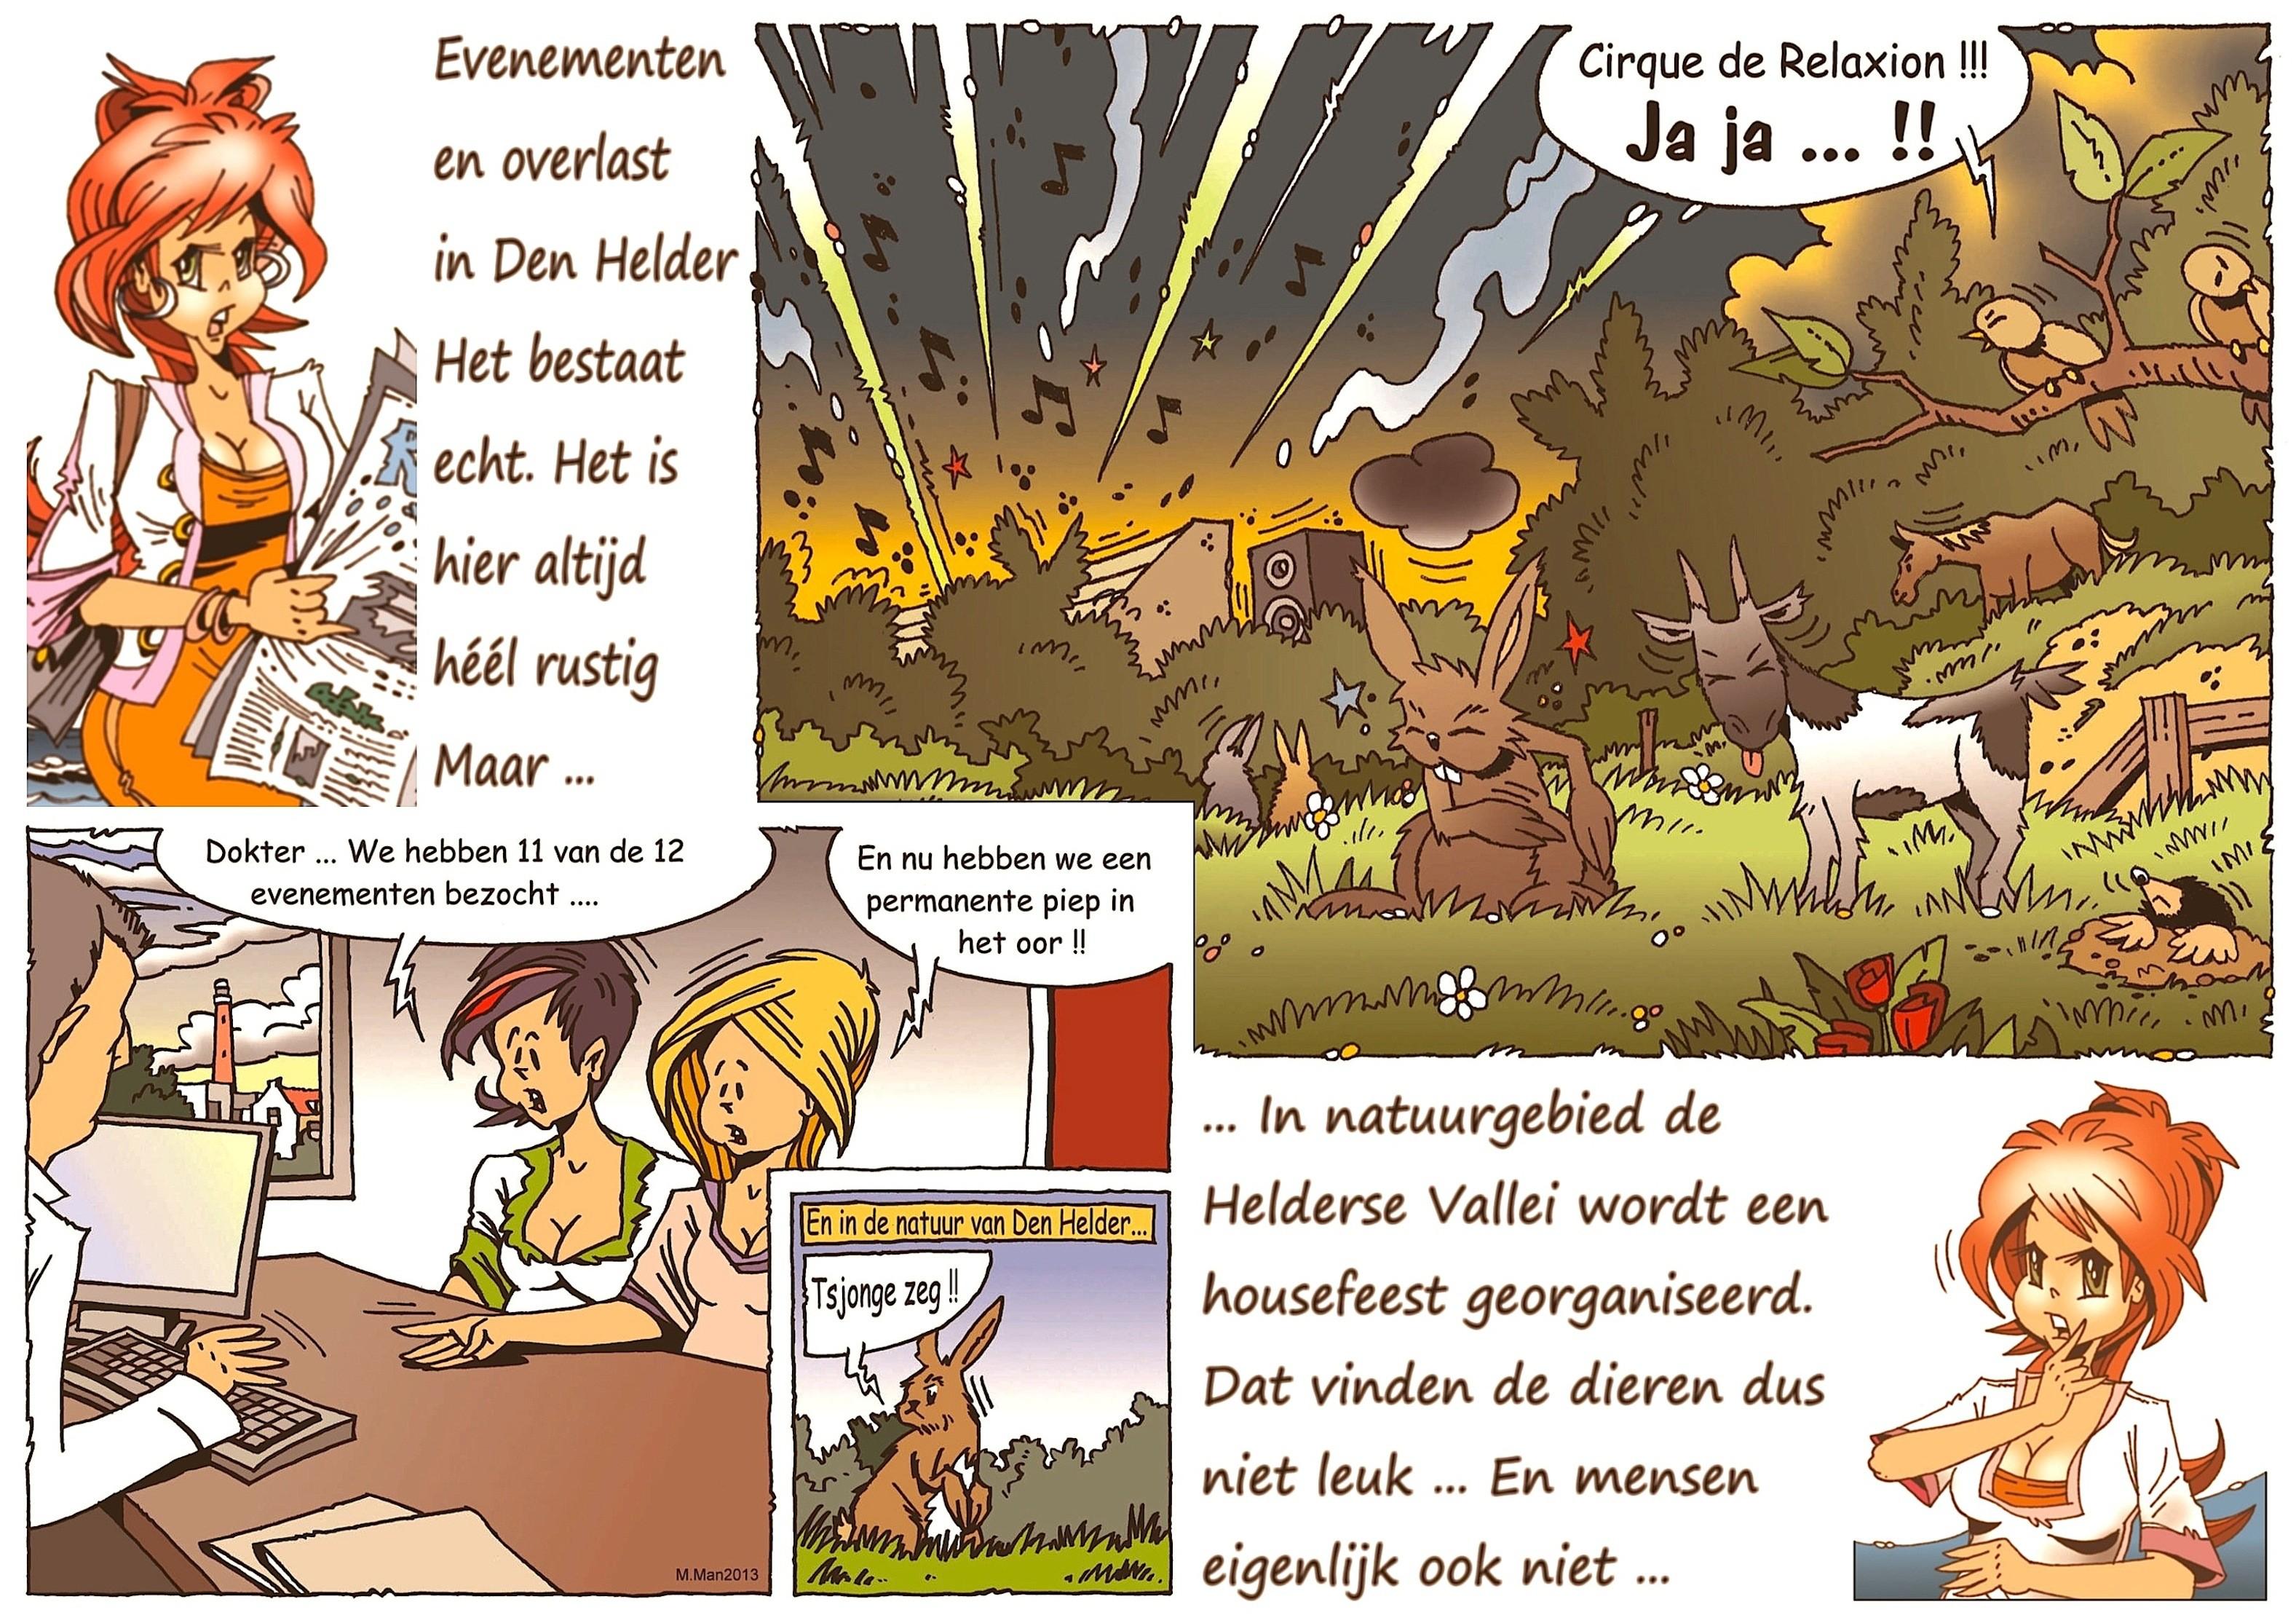 Martin Man – Filo-Sofietje's Helders Weekblad Cartoon-Chronicles (8): Evenementen en overlast in Den Helder